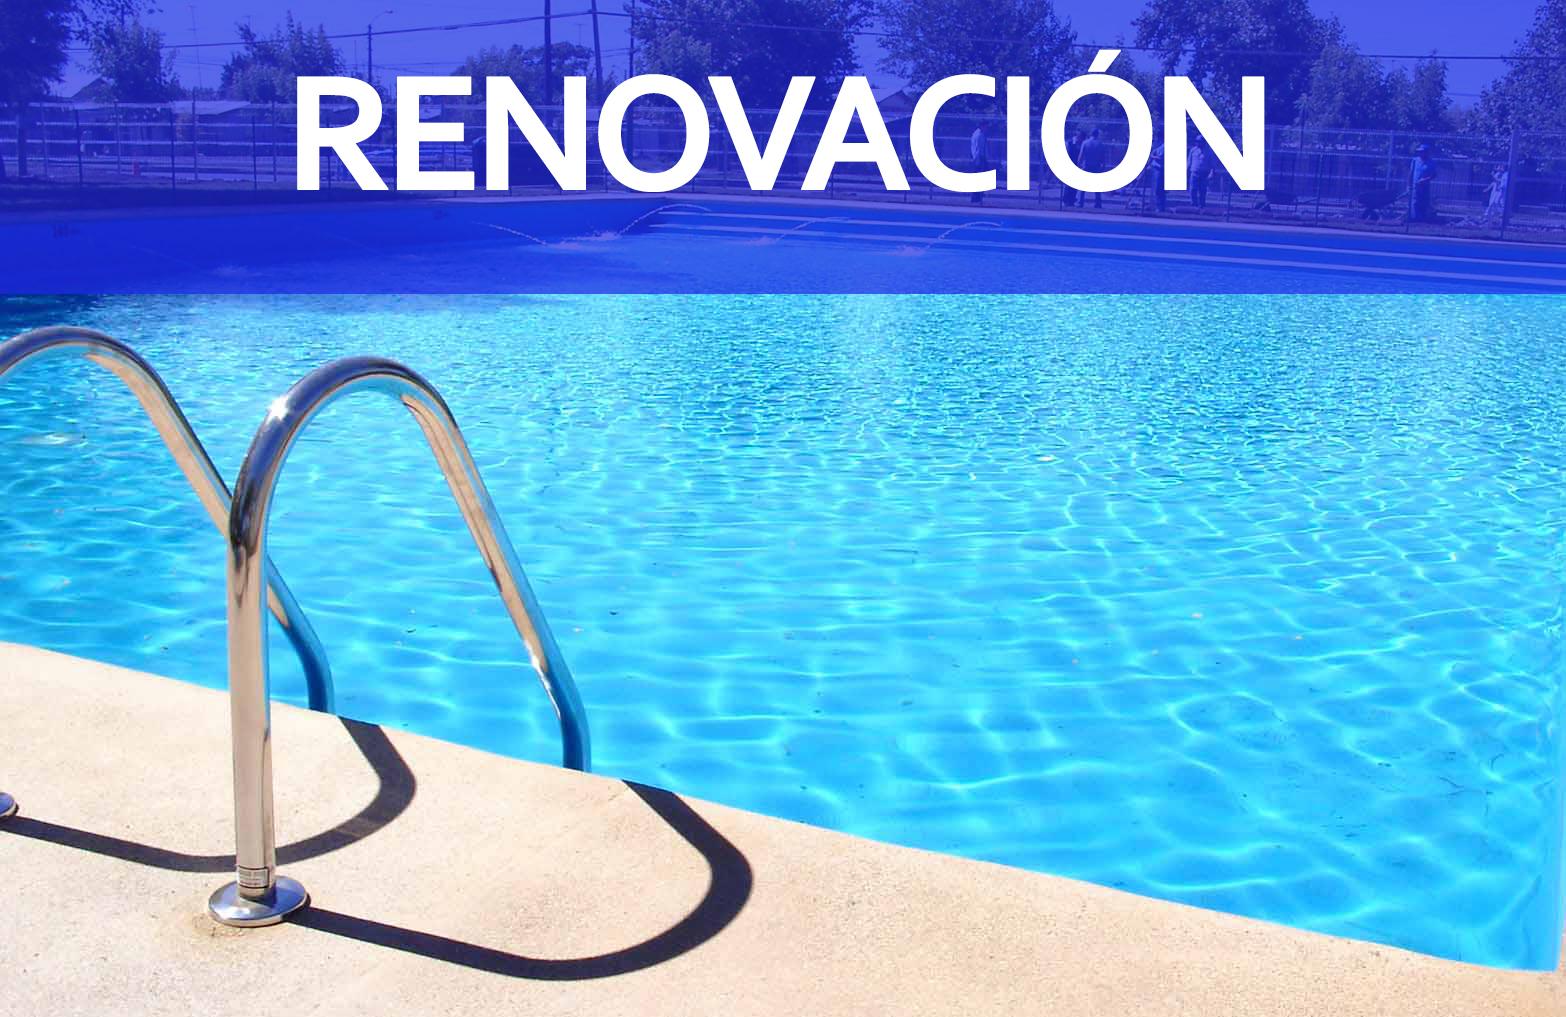 Renovación - Cuidador de piscinas